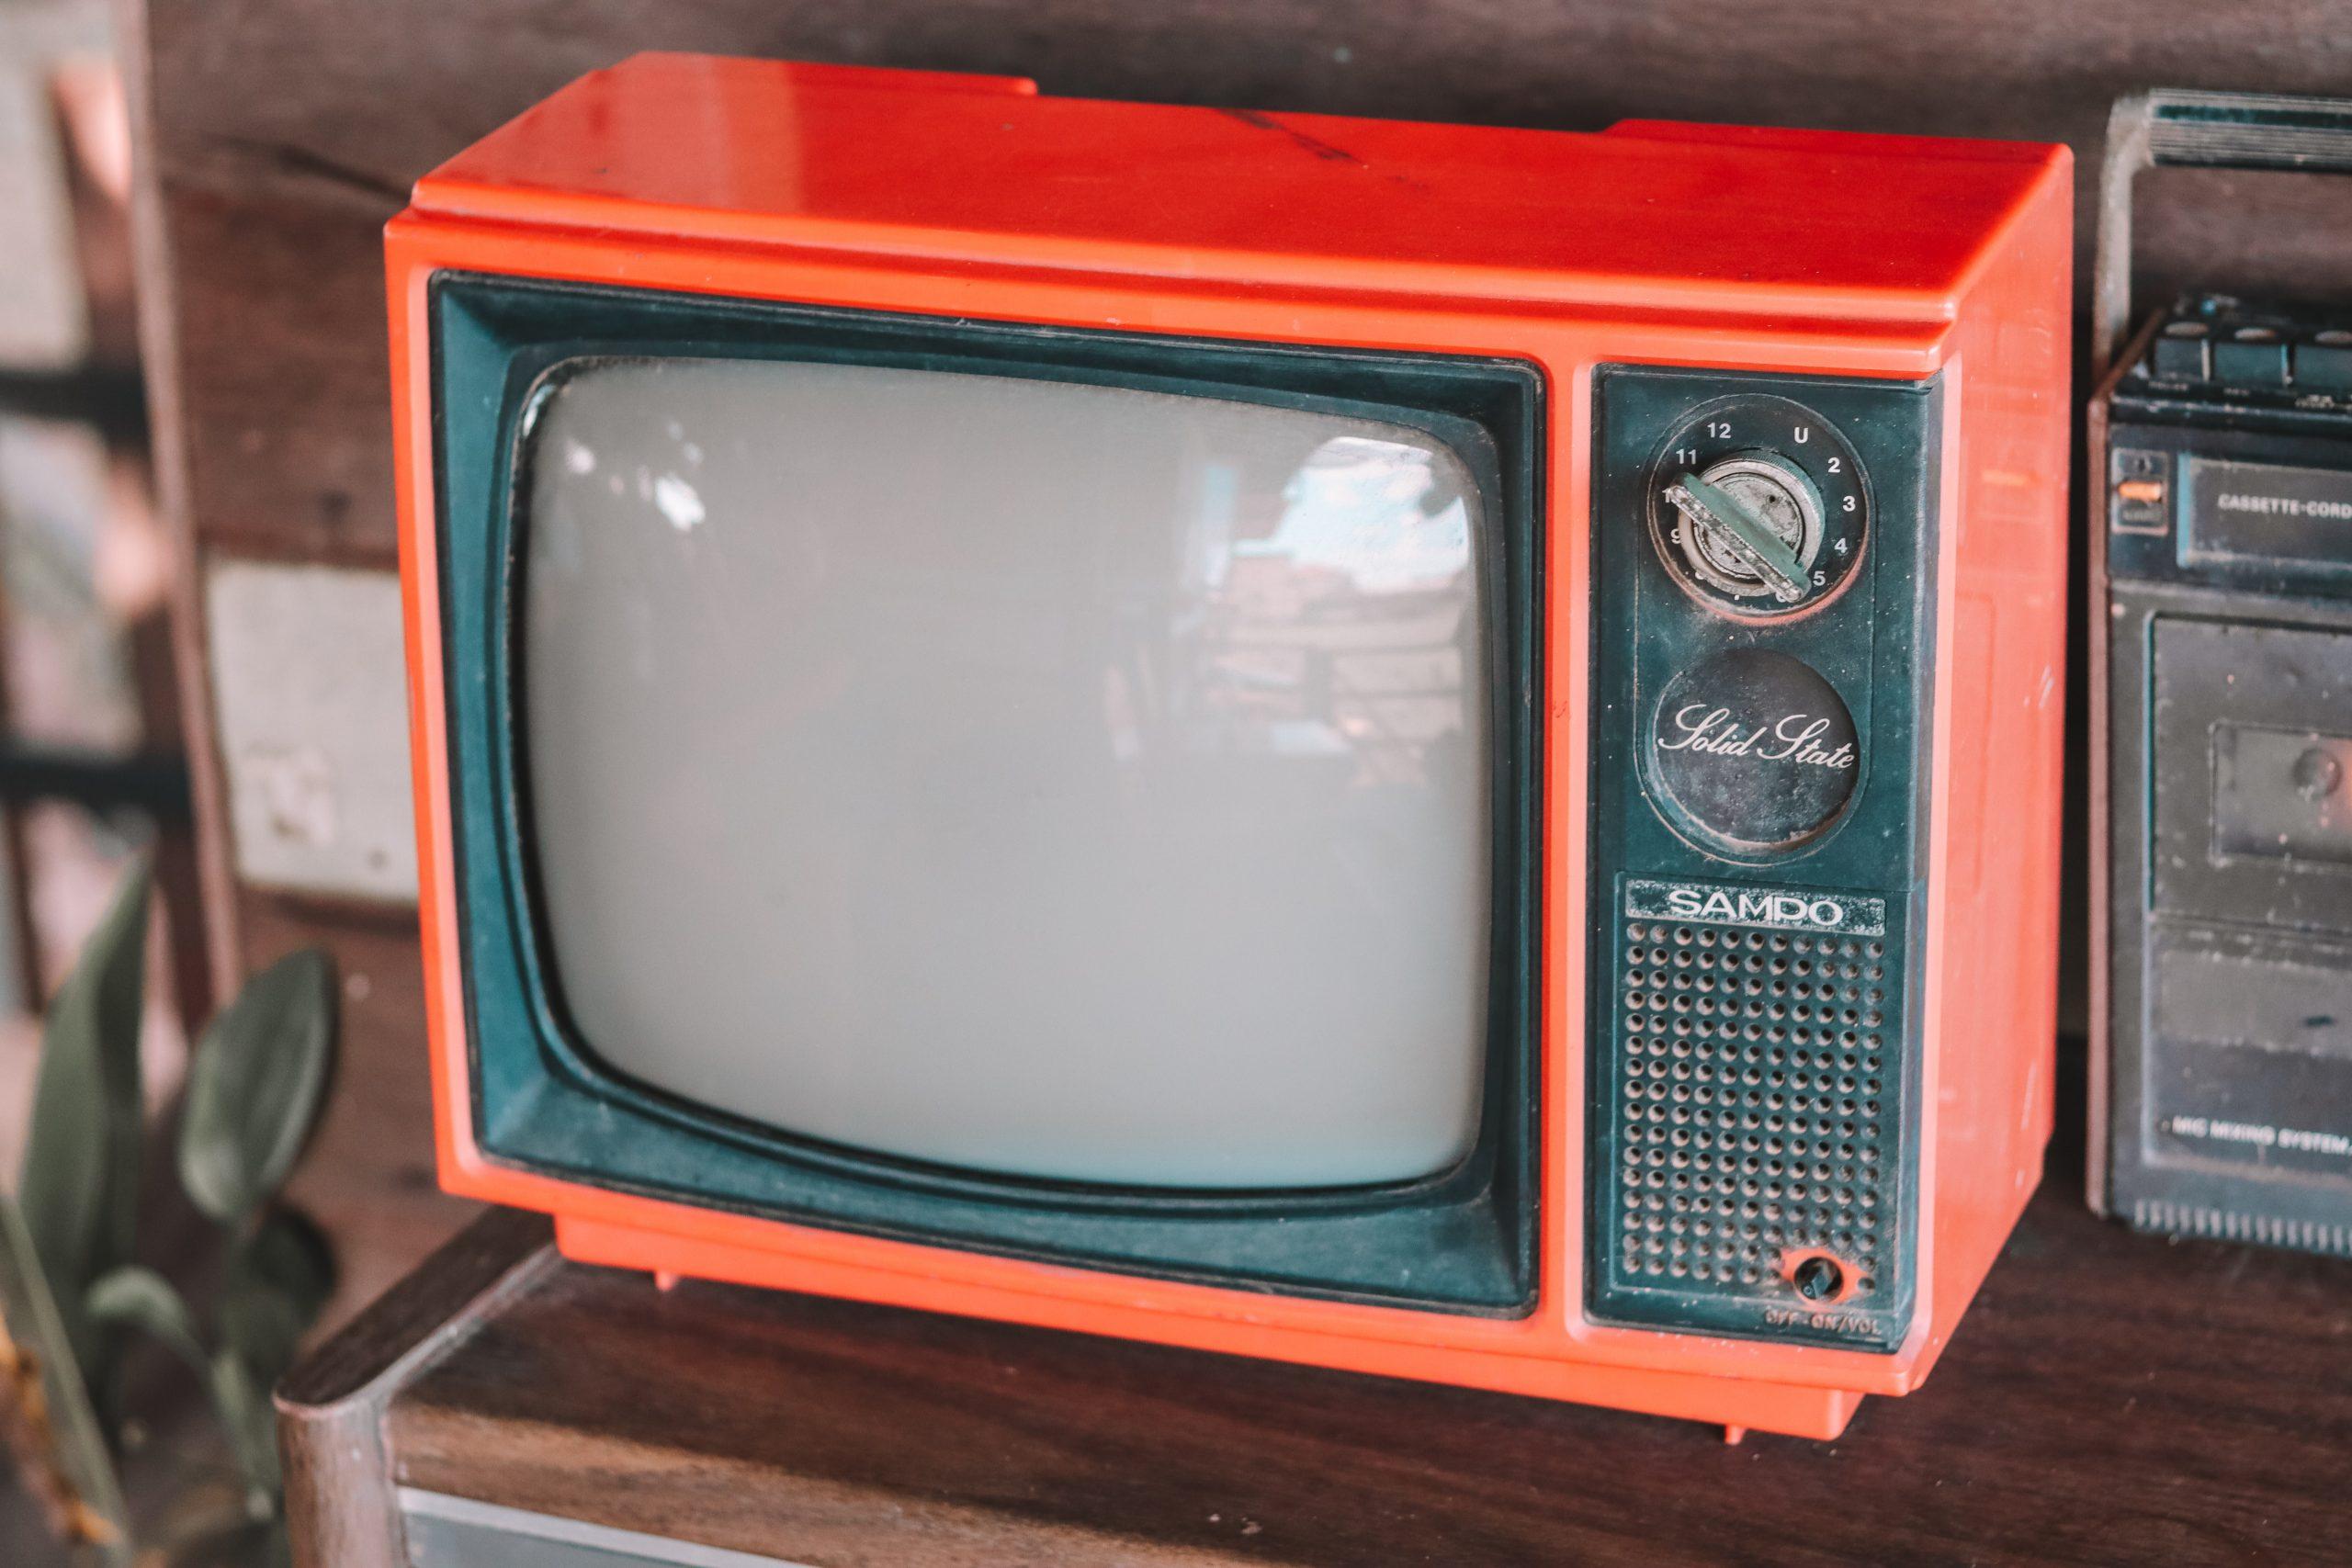 Alquiler de televisores Mallorca